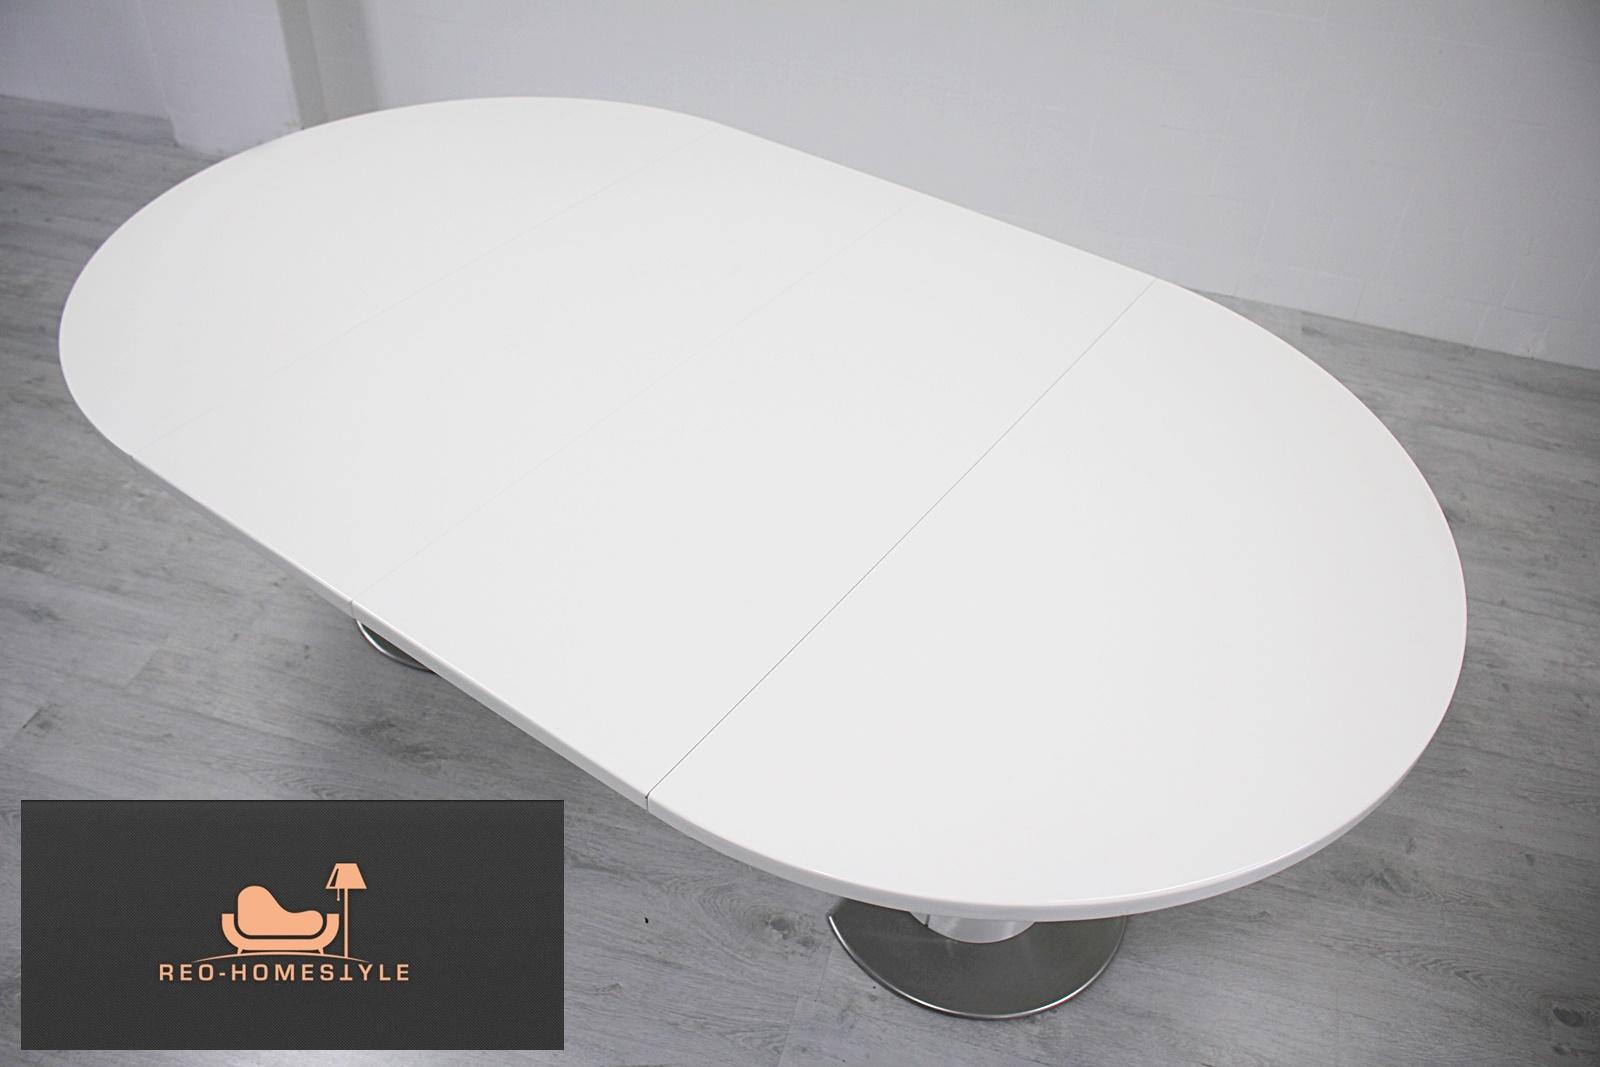 Full Size of Esstisch Oval Weiß 120x80 Deckenlampe Massivholz Ausziehbar Esstischstühle Glas Runder Küche Holz Weißes Bett Regale Weiss Kleiner Regal Hochglanz Set Esstische Esstisch Weiß Oval